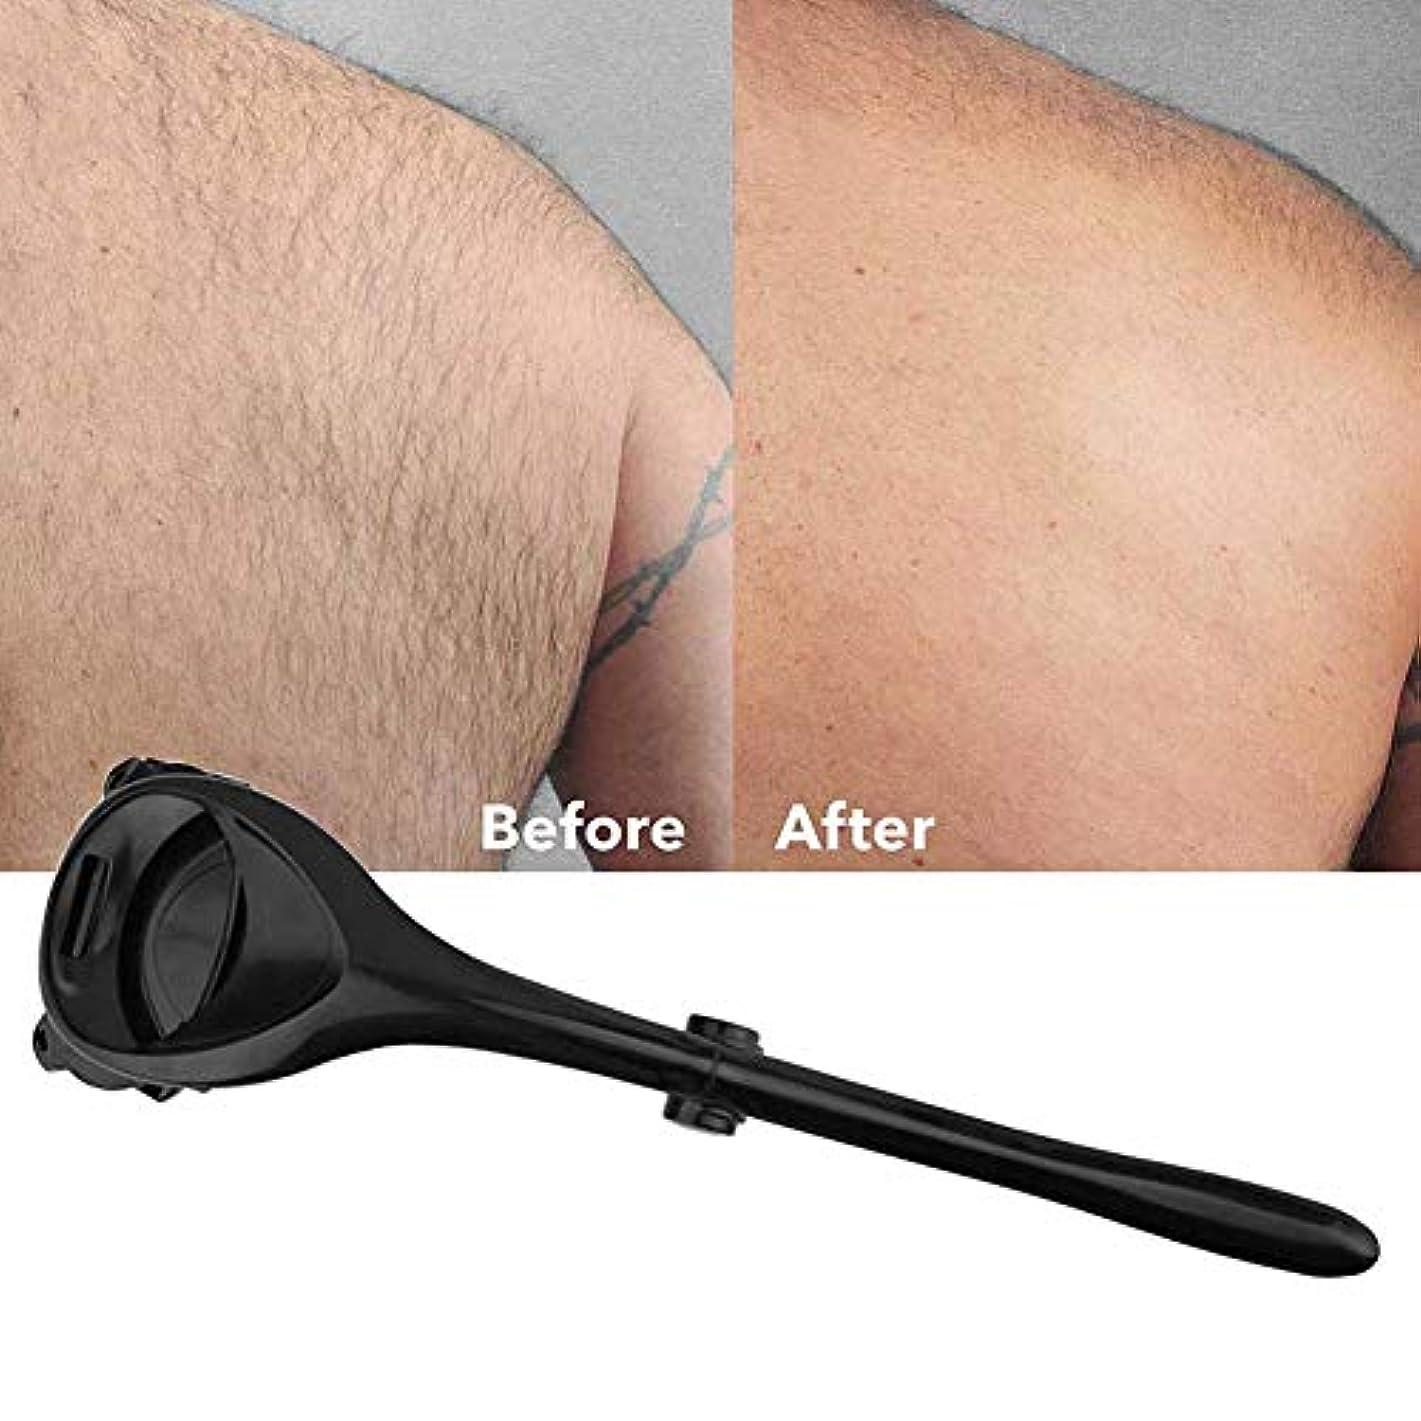 スリムアプトキャッシュバックシェーバーロング男性の女性のための脱毛戻る髪レイザーパーソナル無痛体毛トリマーハンドル